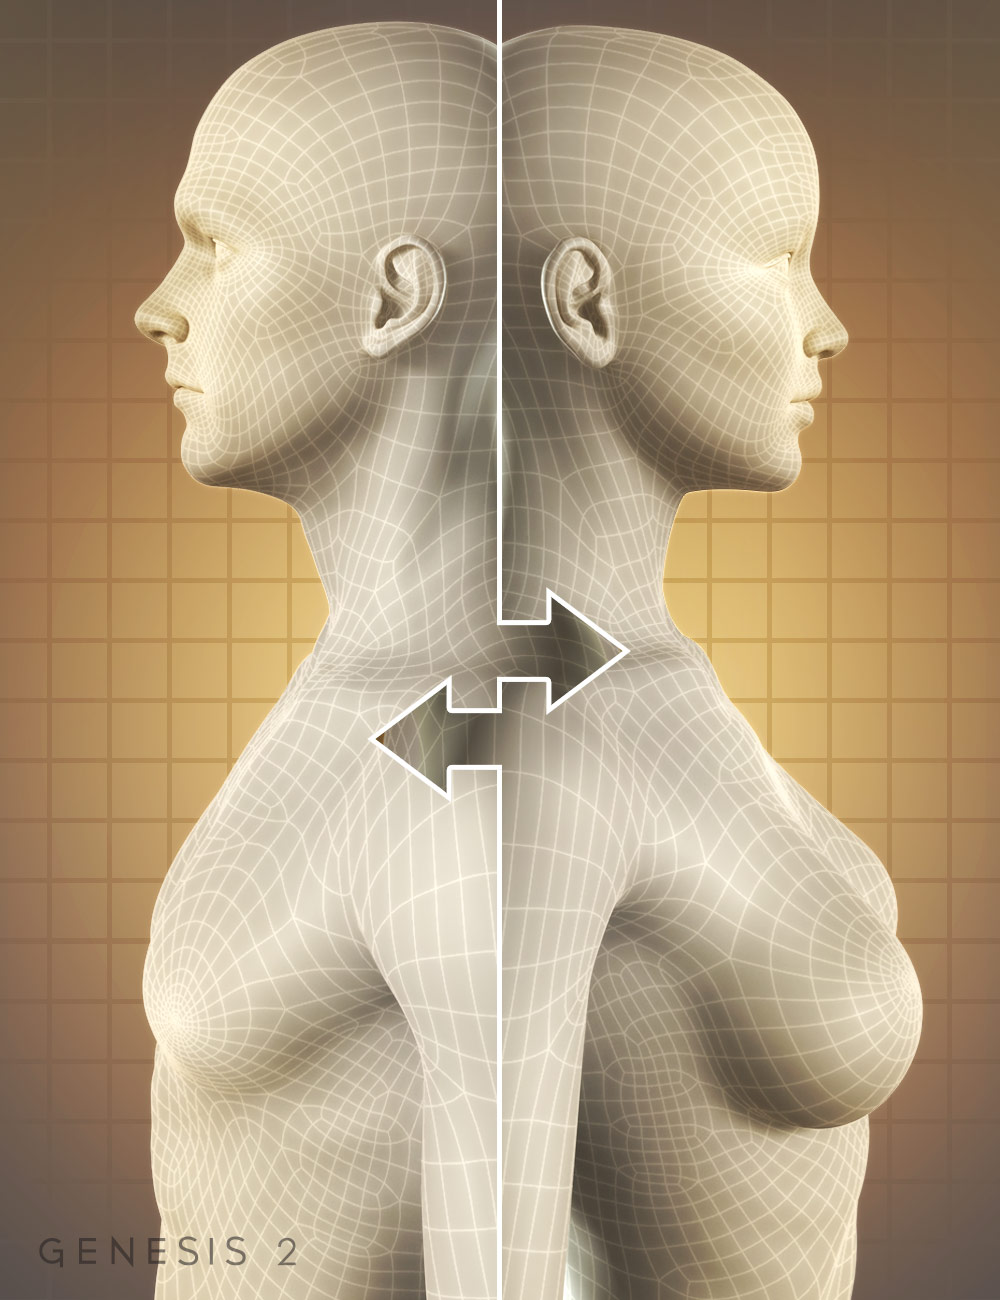 Genesis 2 Cross-Figure Resource Kit by: , 3D Models by Daz 3D